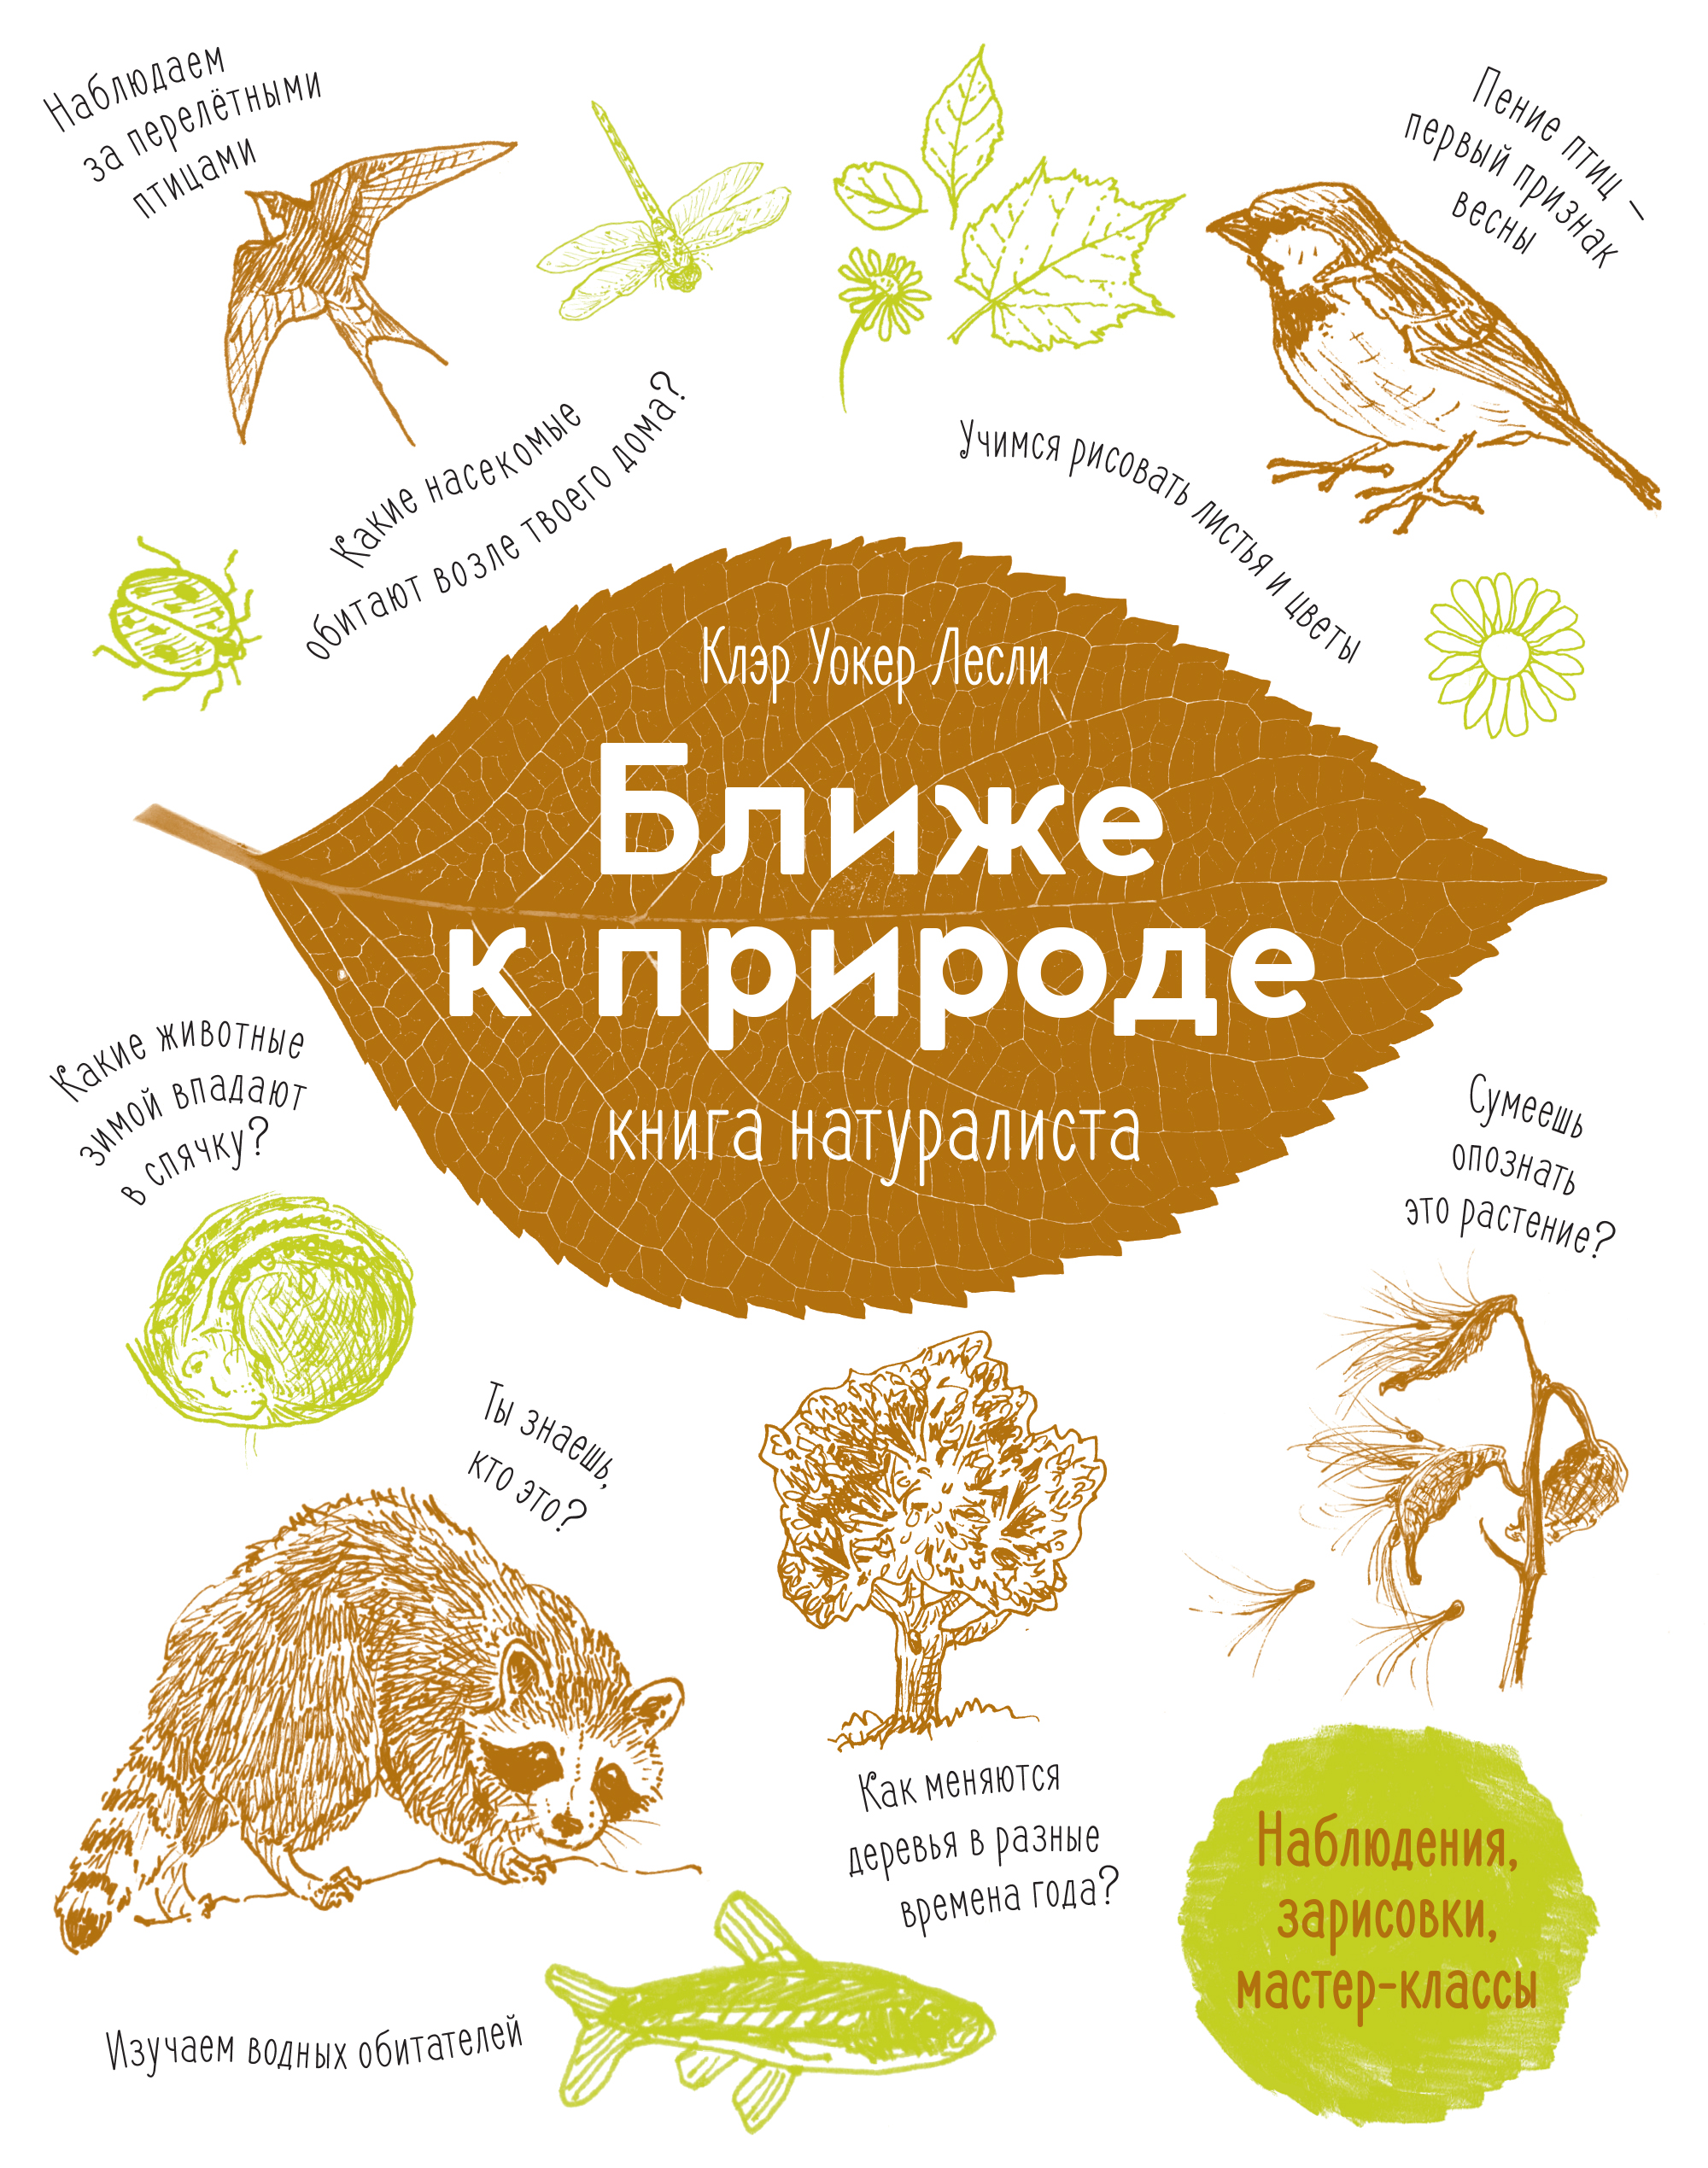 Ближе к природе. Книга натуралиста